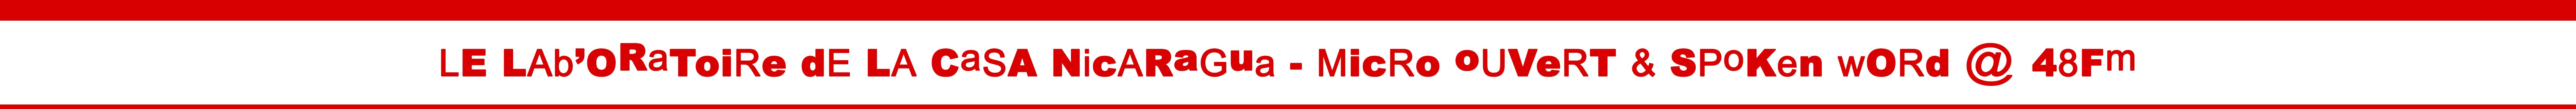 http://labomedia.a.l.f.unblog.fr/files/2020/12/poatlf-laboratoire-07.png